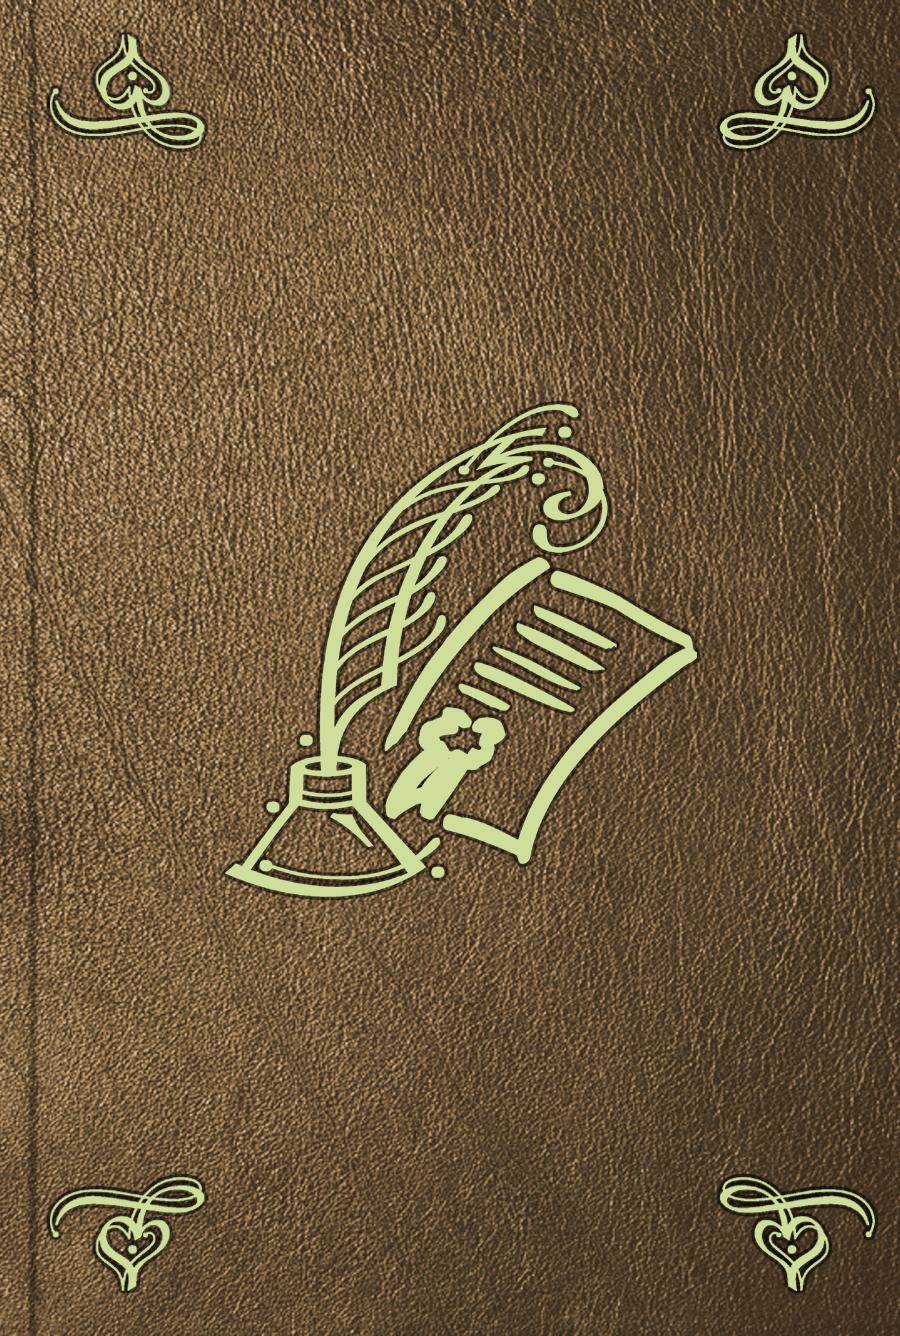 Автор не указан Трактат о дружбе и коммерции, между Российскою империею и короною Великобританскою коробов г картавцев в черемисинова н электроснабжение курсовое проектирование учебное пособие издание третье исправленное и дополненное